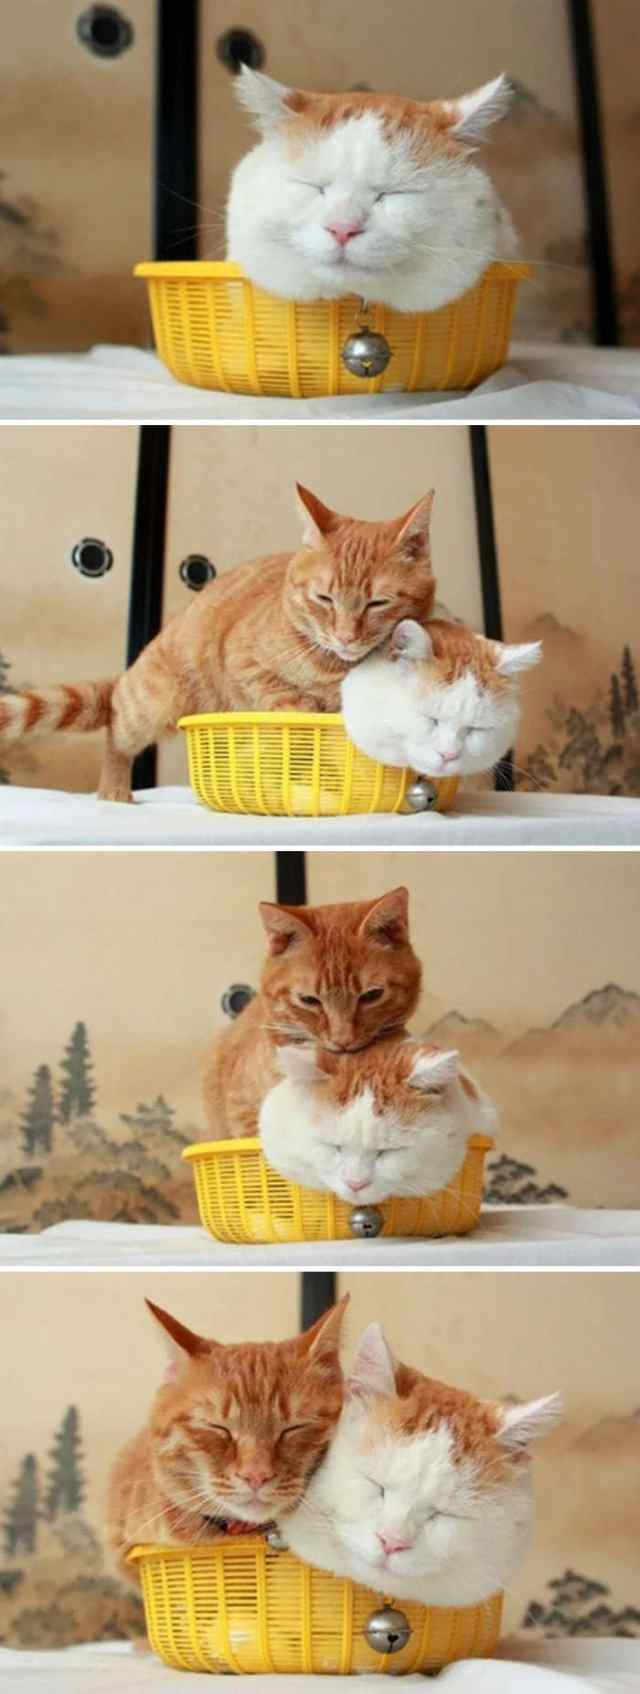 23 уморительных доказательства того, что коты где угодно найдут своё счастье